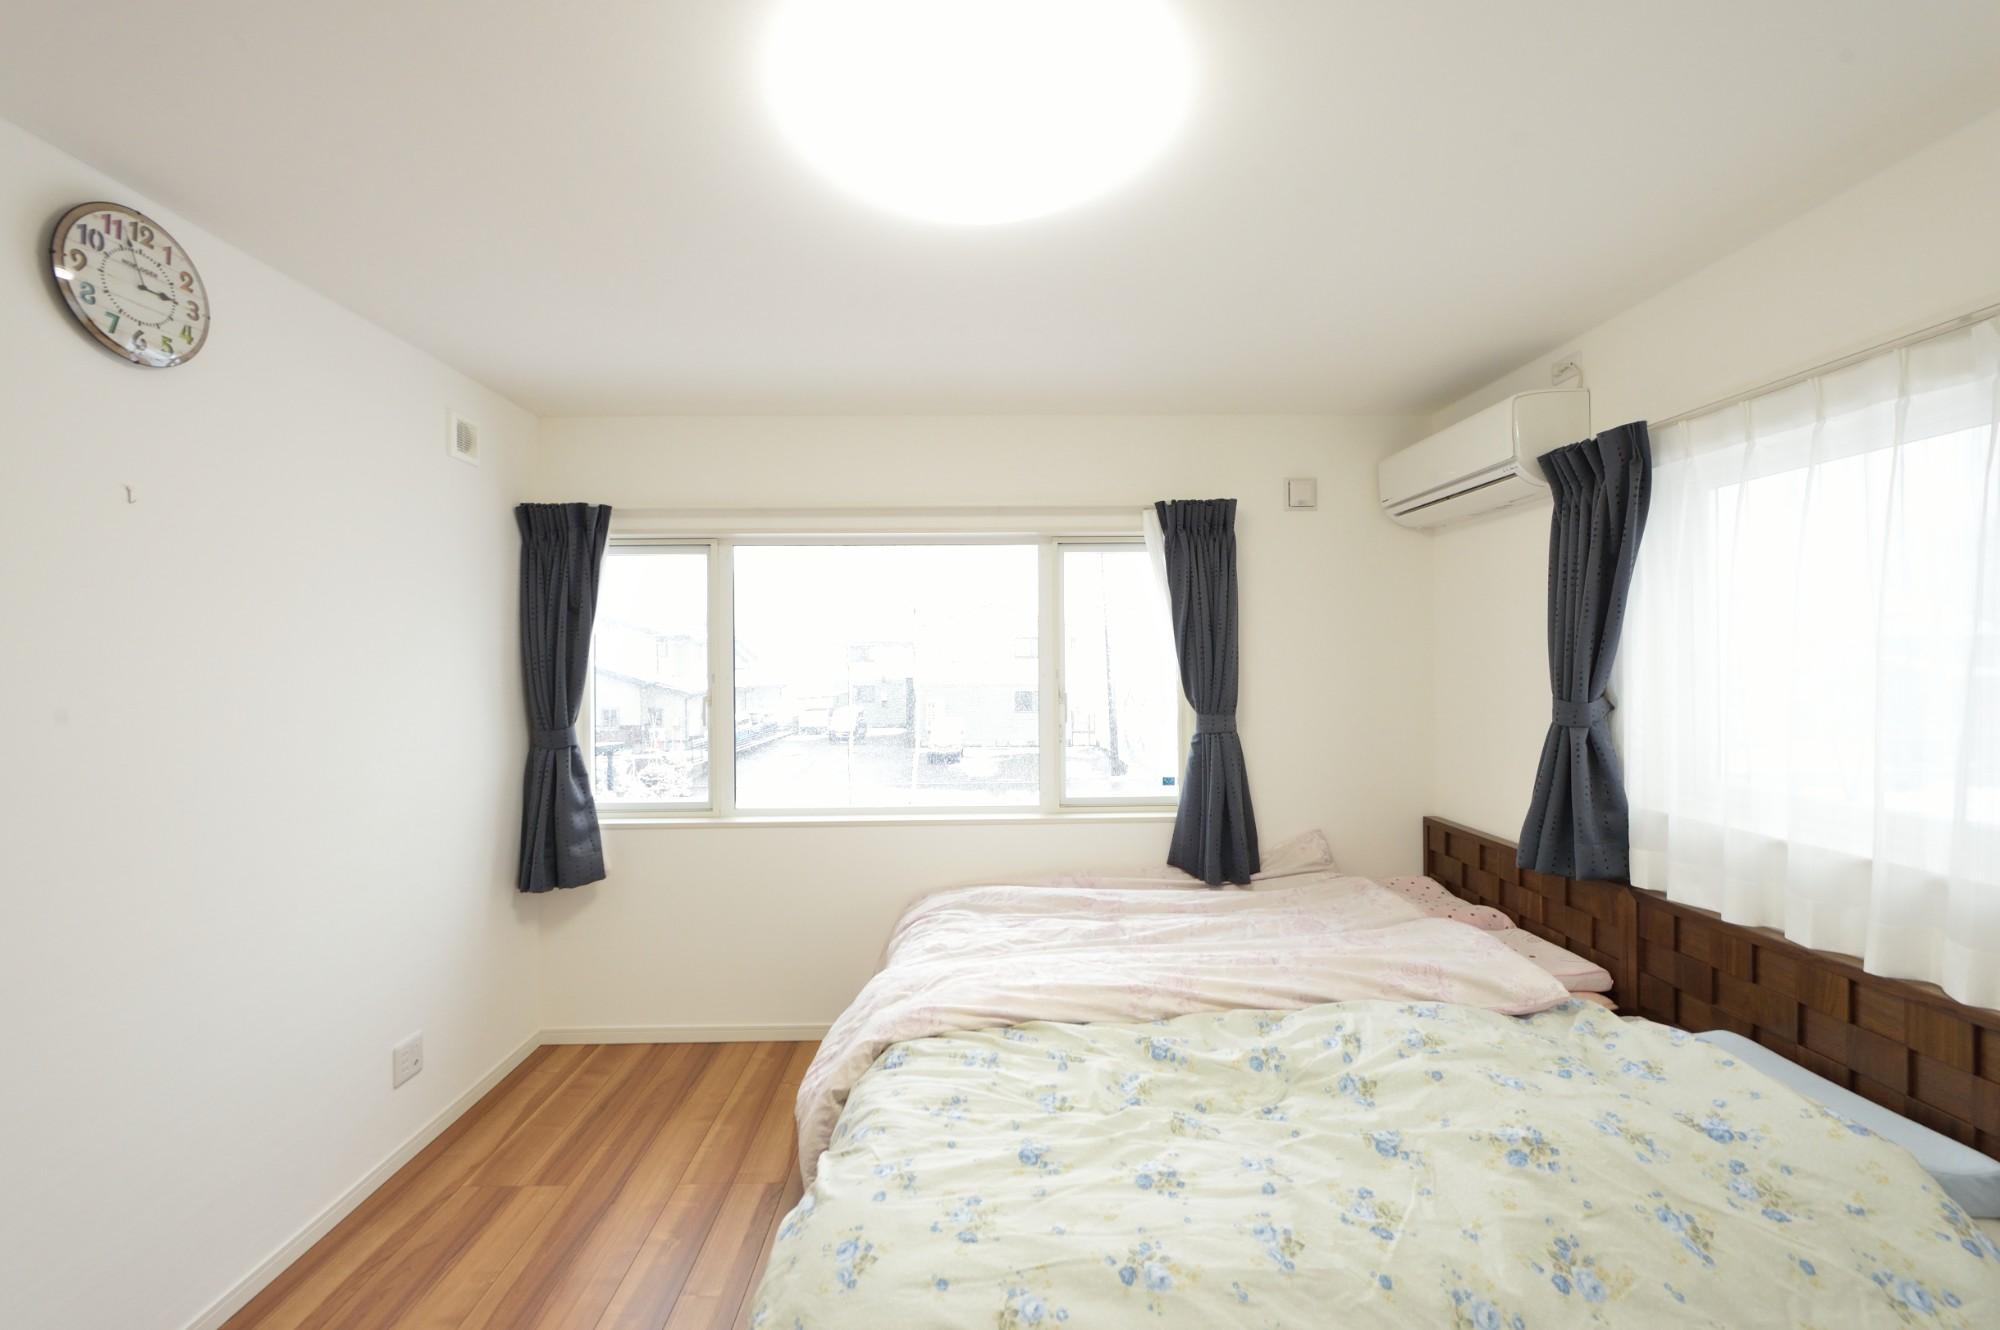 家'Sハセガワ株式会社「Spring share house ~春を分けあう家~」のシンプル・ナチュラルな居室の実例写真